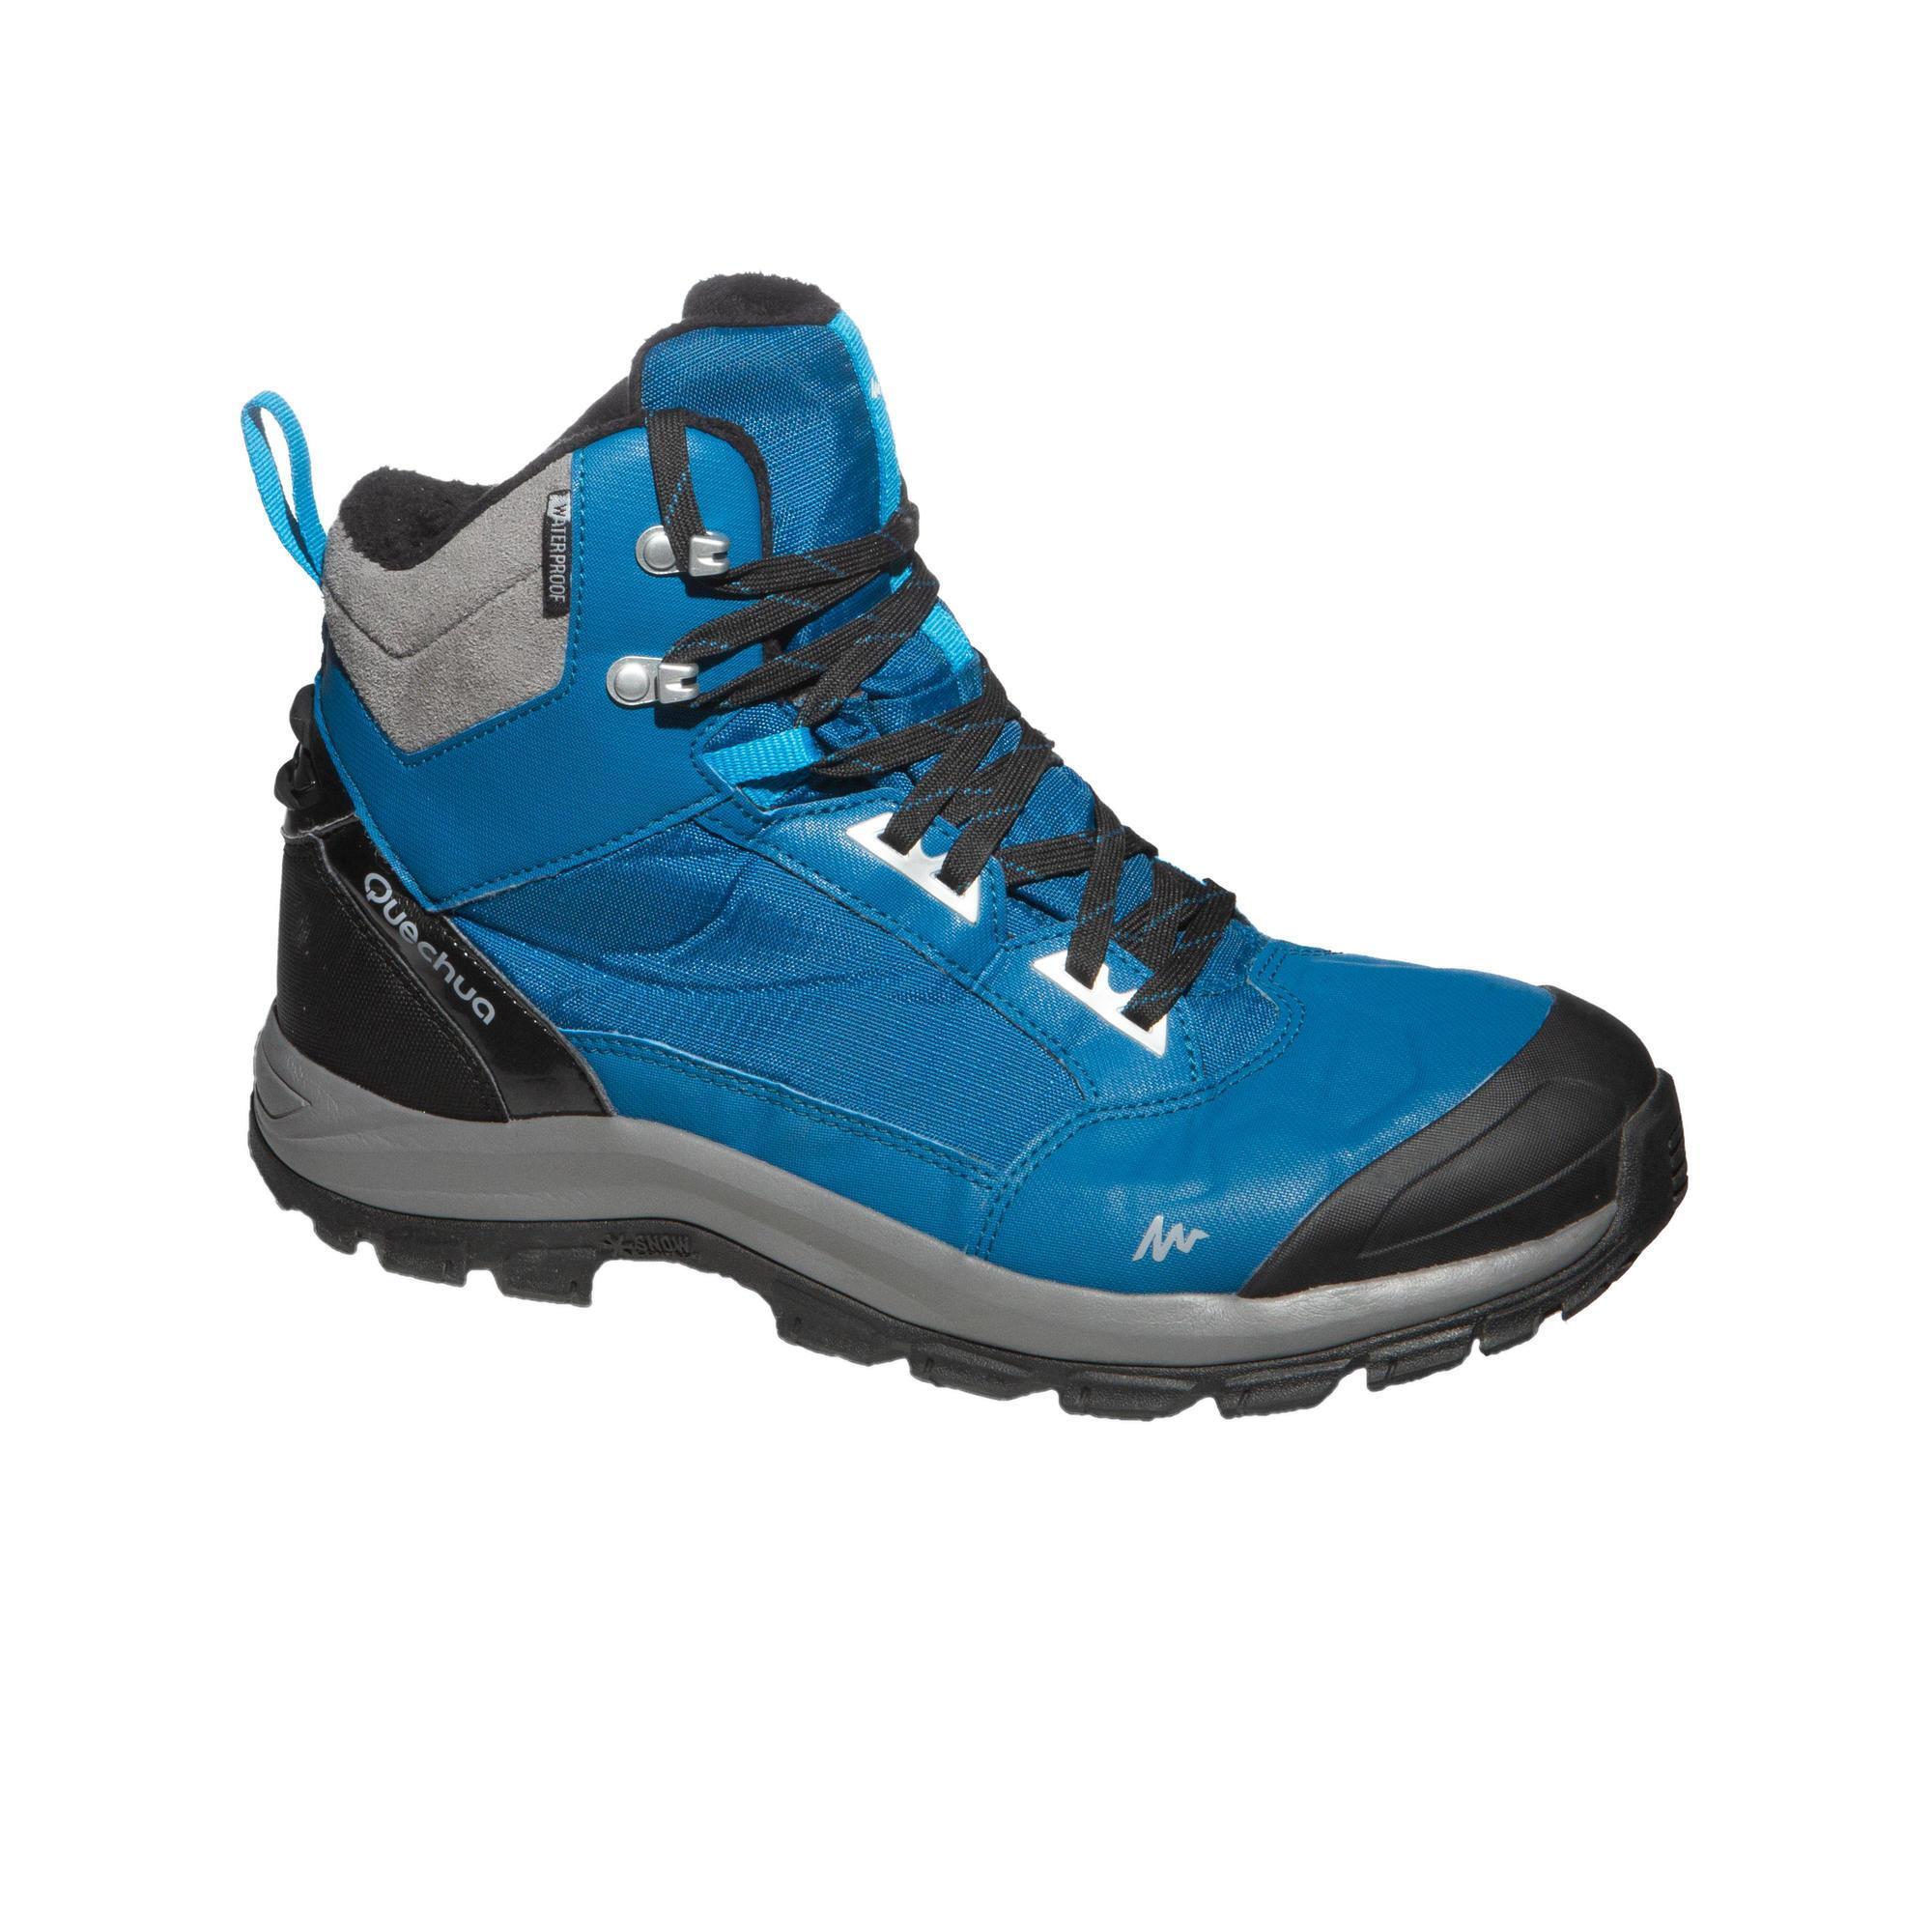 Quechua Heren wandelschoenen voor de sneeuw SH520 X-warm mid